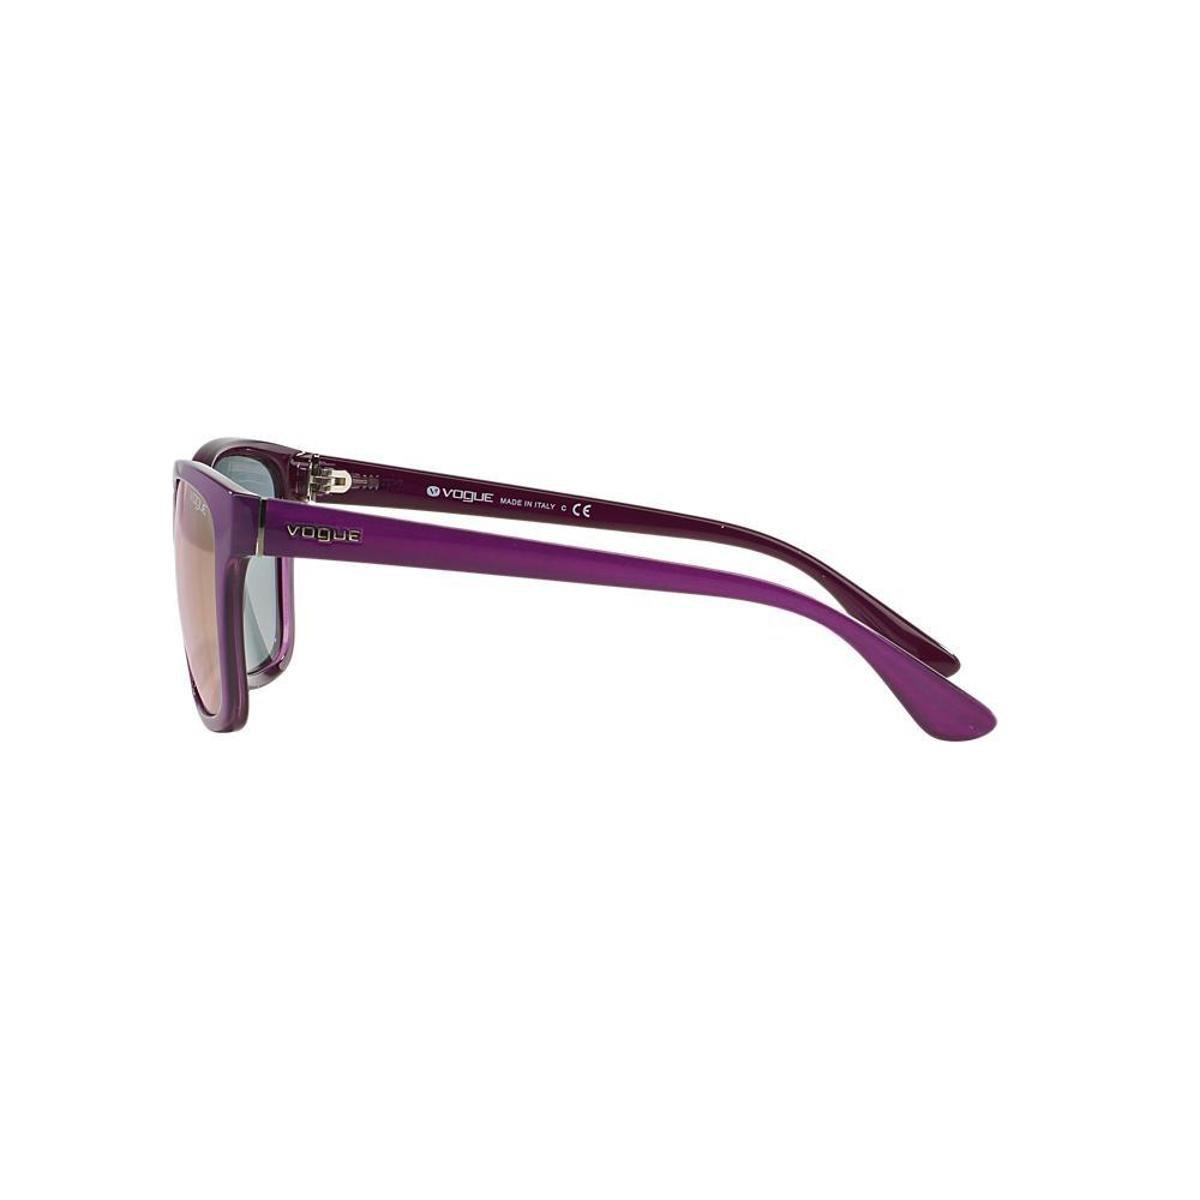 291daa1473bda Óculos de Sol Vogue Quadrado VO2896S Feminino - Compre Agora   Zattini